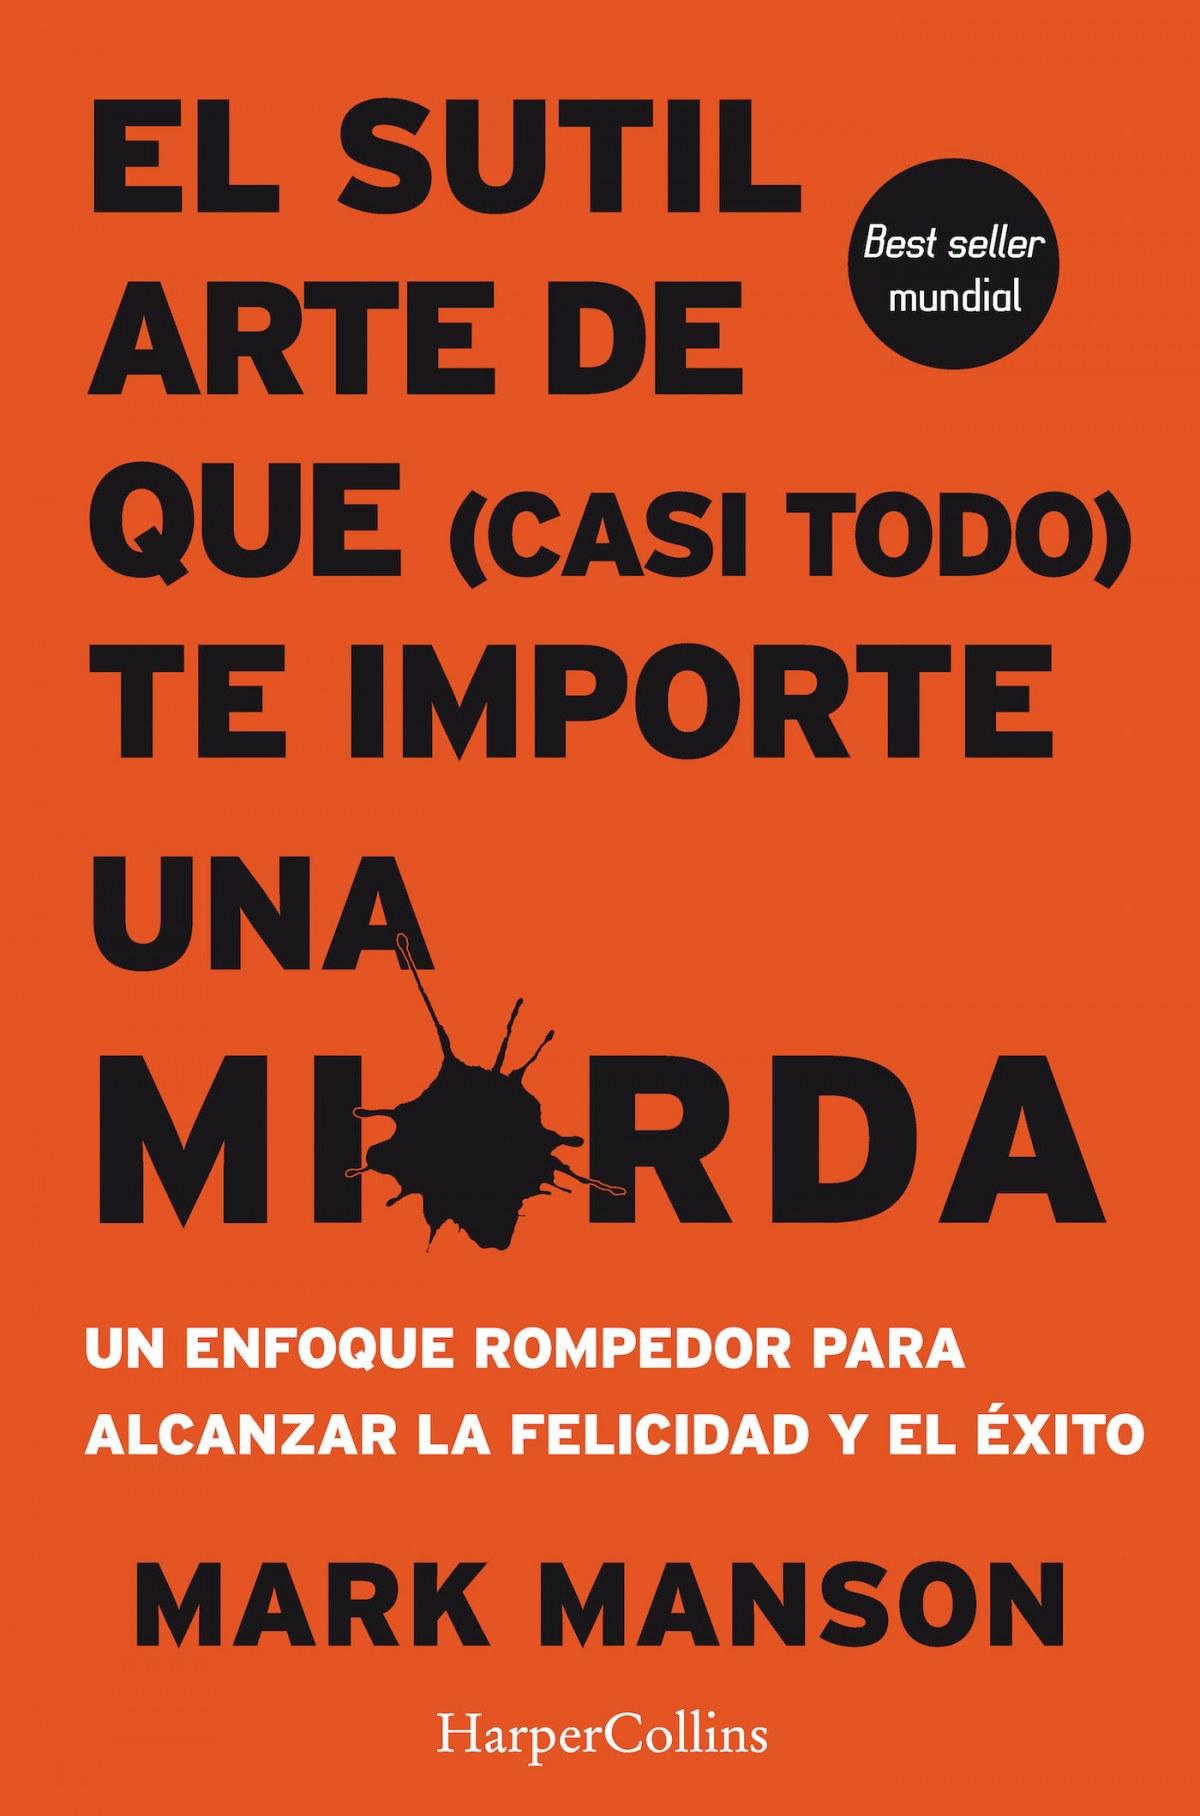 EL SUTIL ARTE DE QUE CASI TODO TE IMPORTE UNA MIERDA 9788491392286